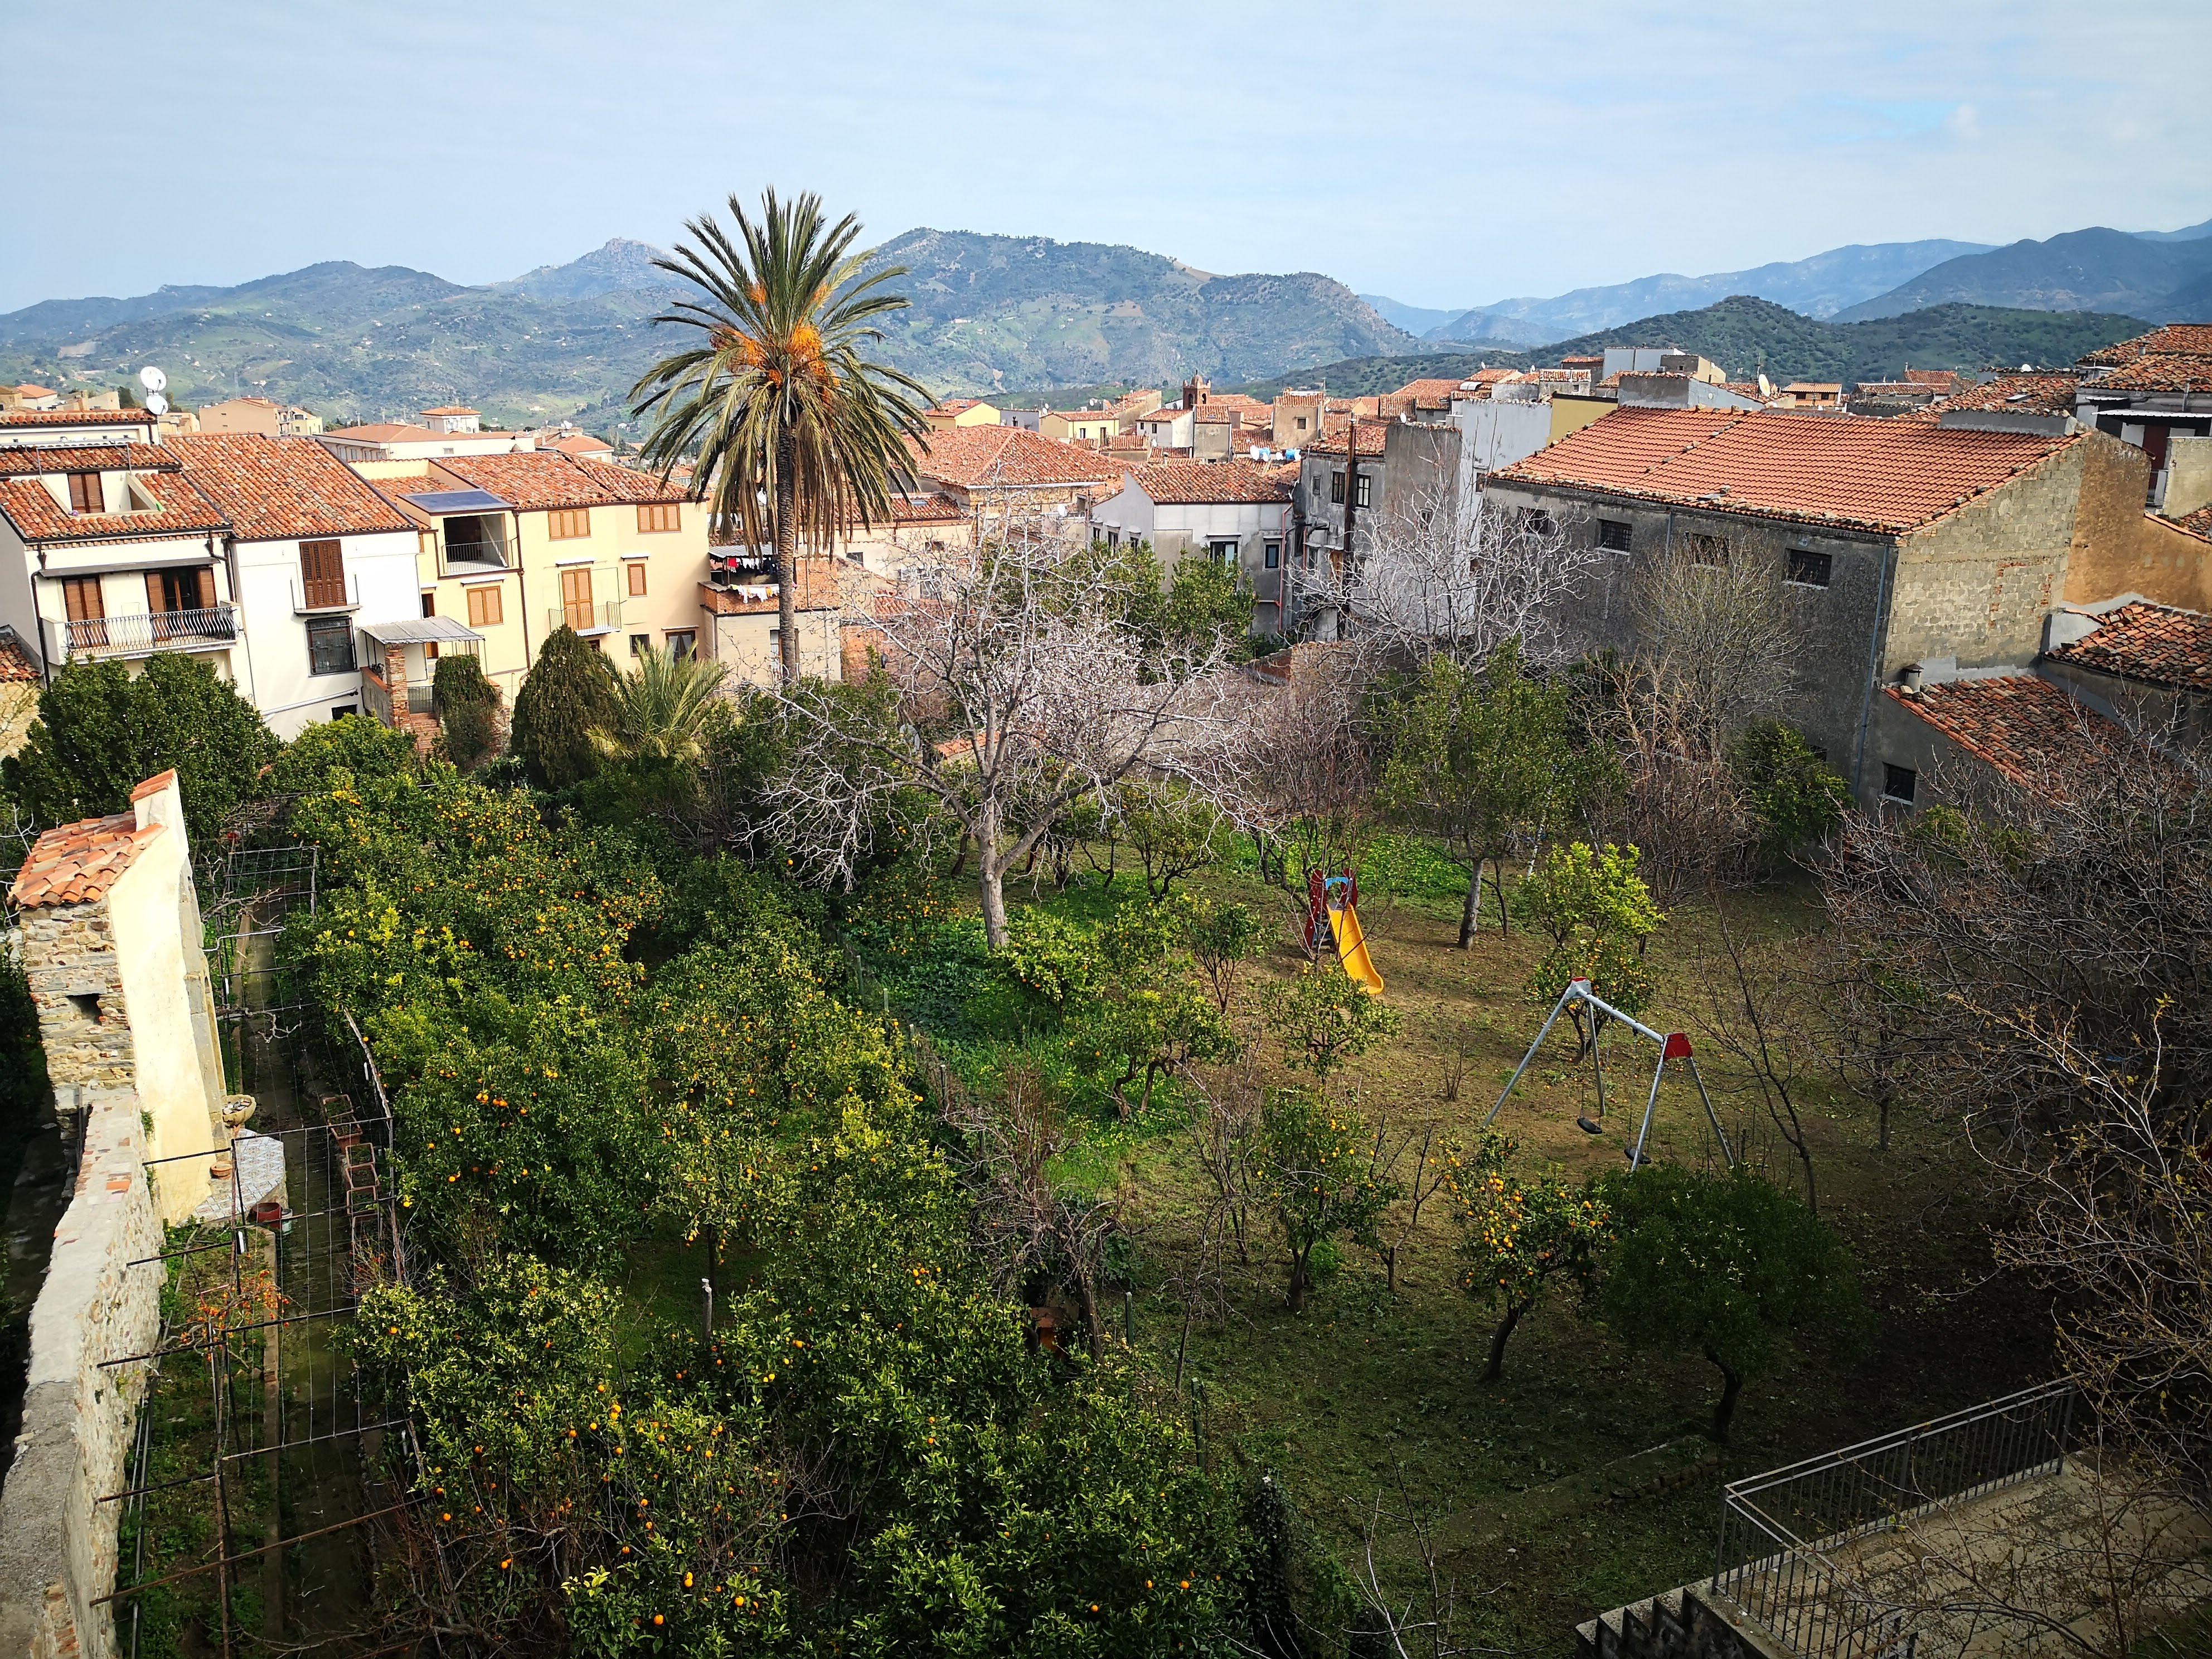 Giardino Botanico di Palazzo Failla